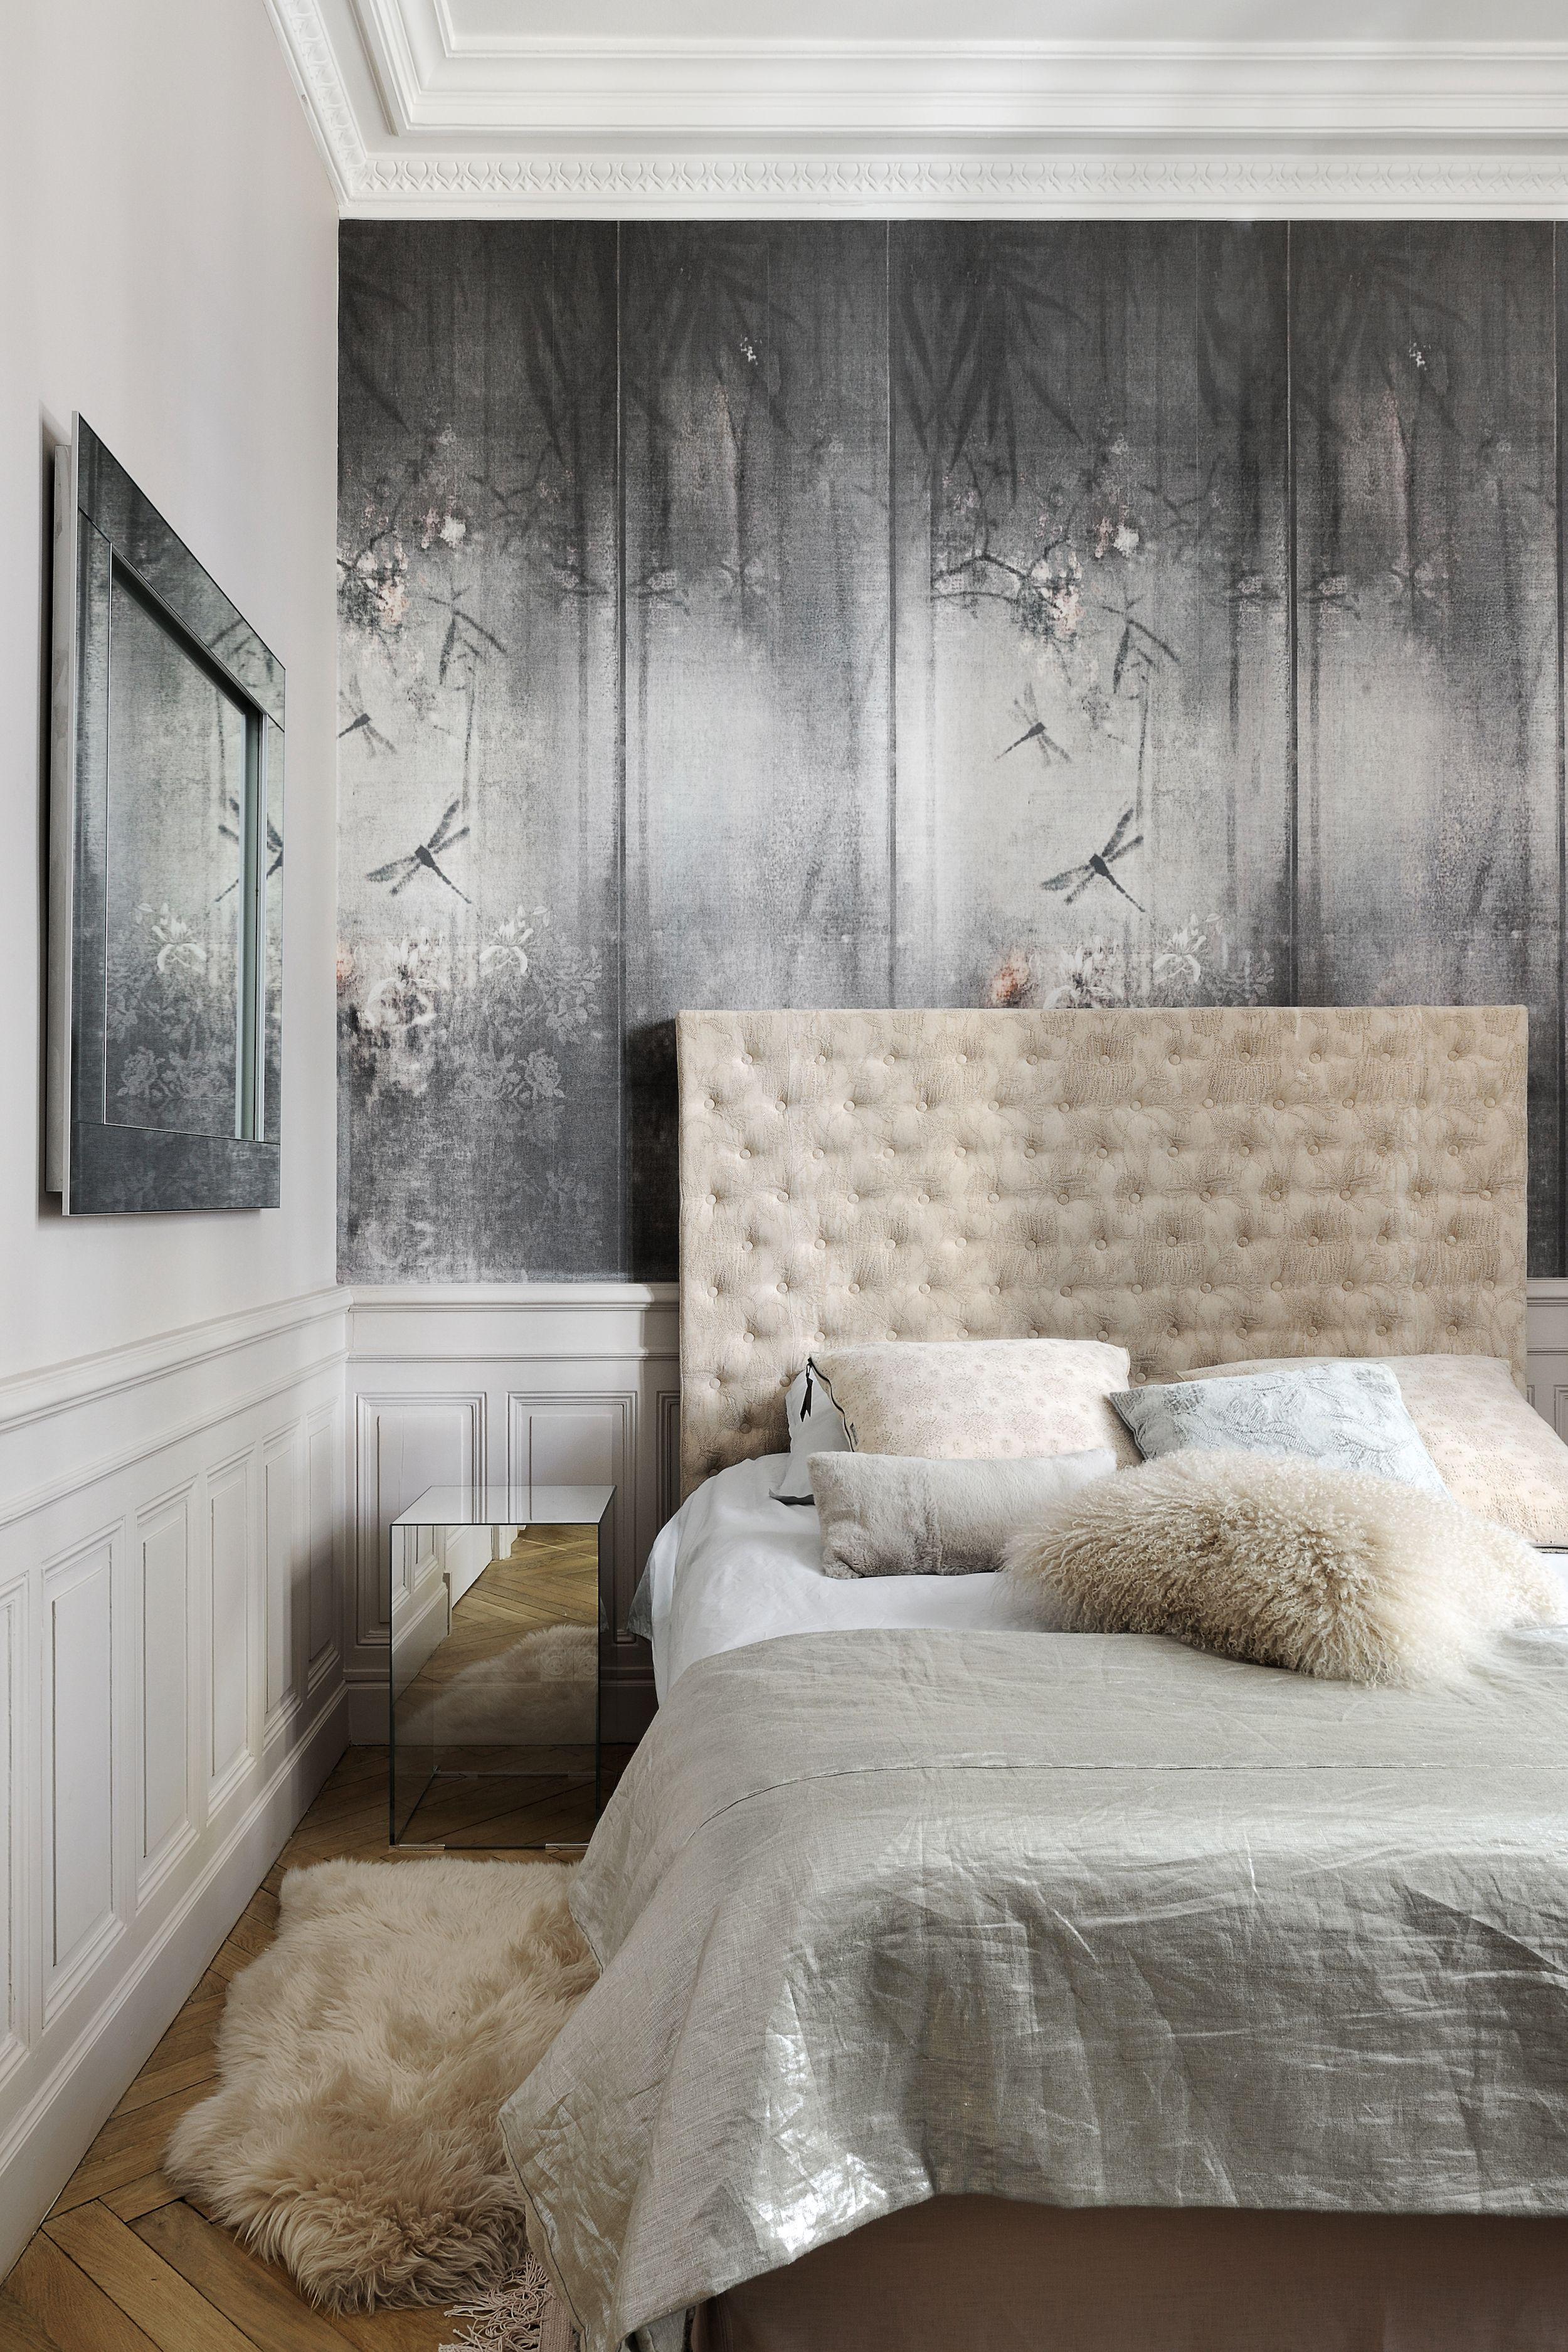 Papier Peint Wall Deco Chambre En 2019 Papier Peint